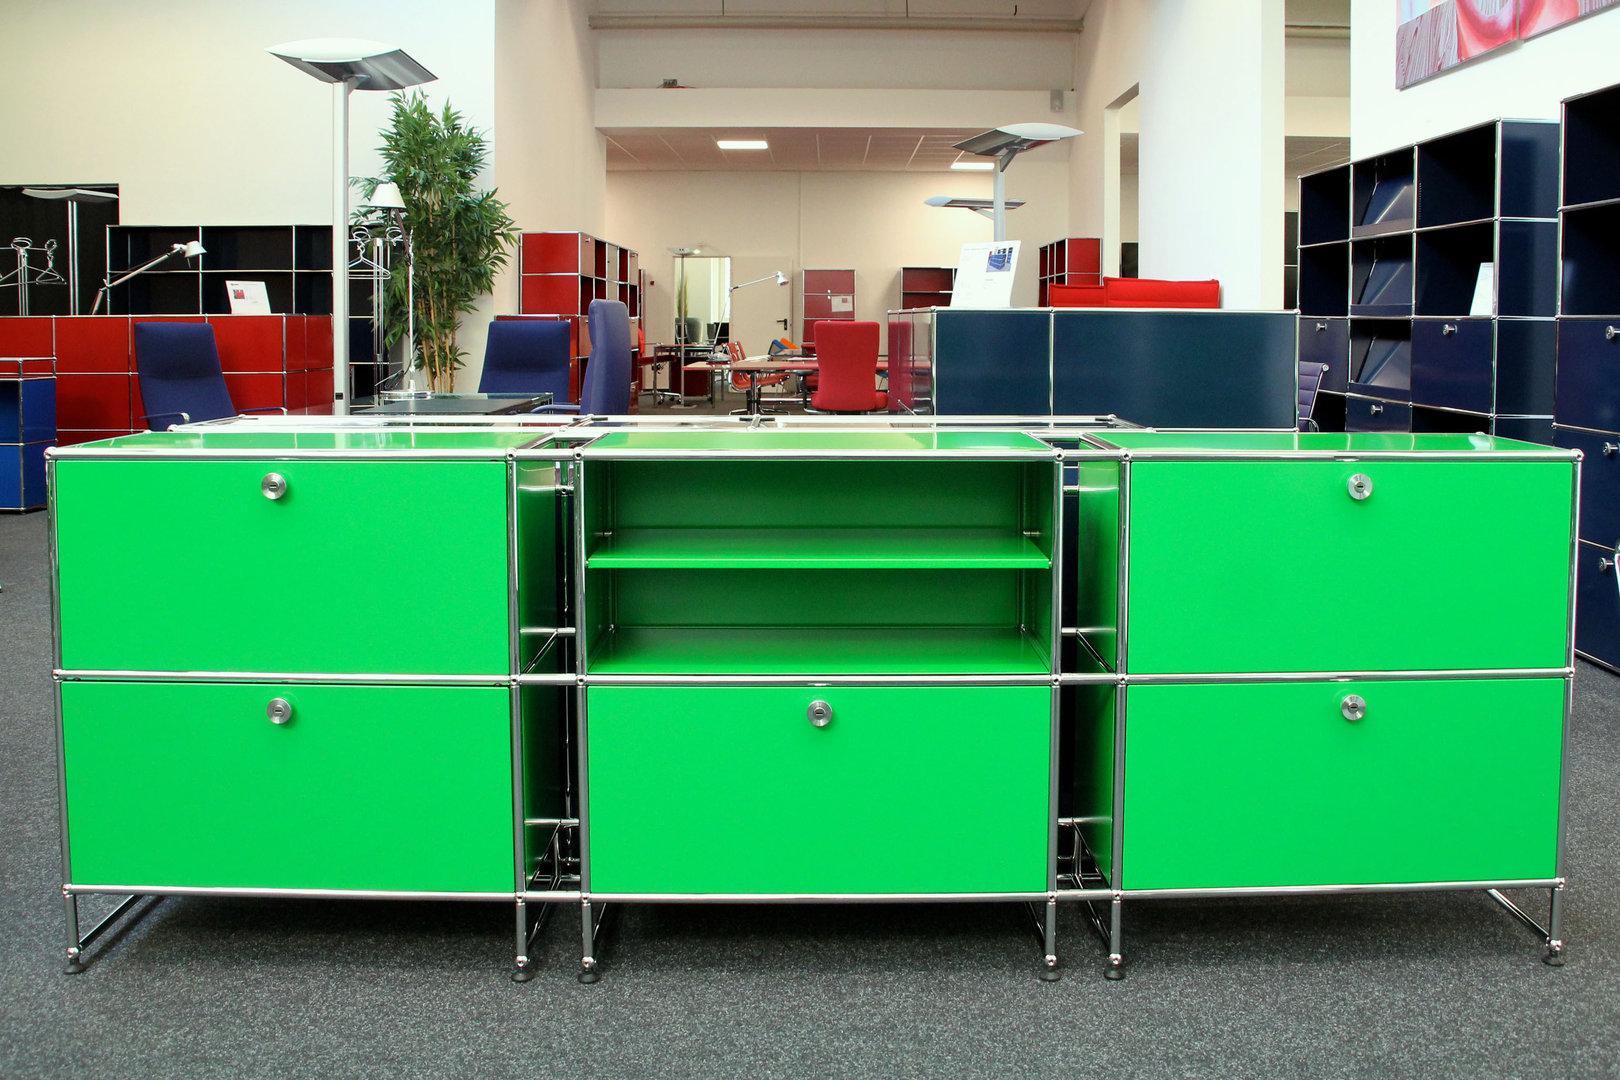 usm haller sideboard usm gr n sideboards usm haller designklassiker. Black Bedroom Furniture Sets. Home Design Ideas